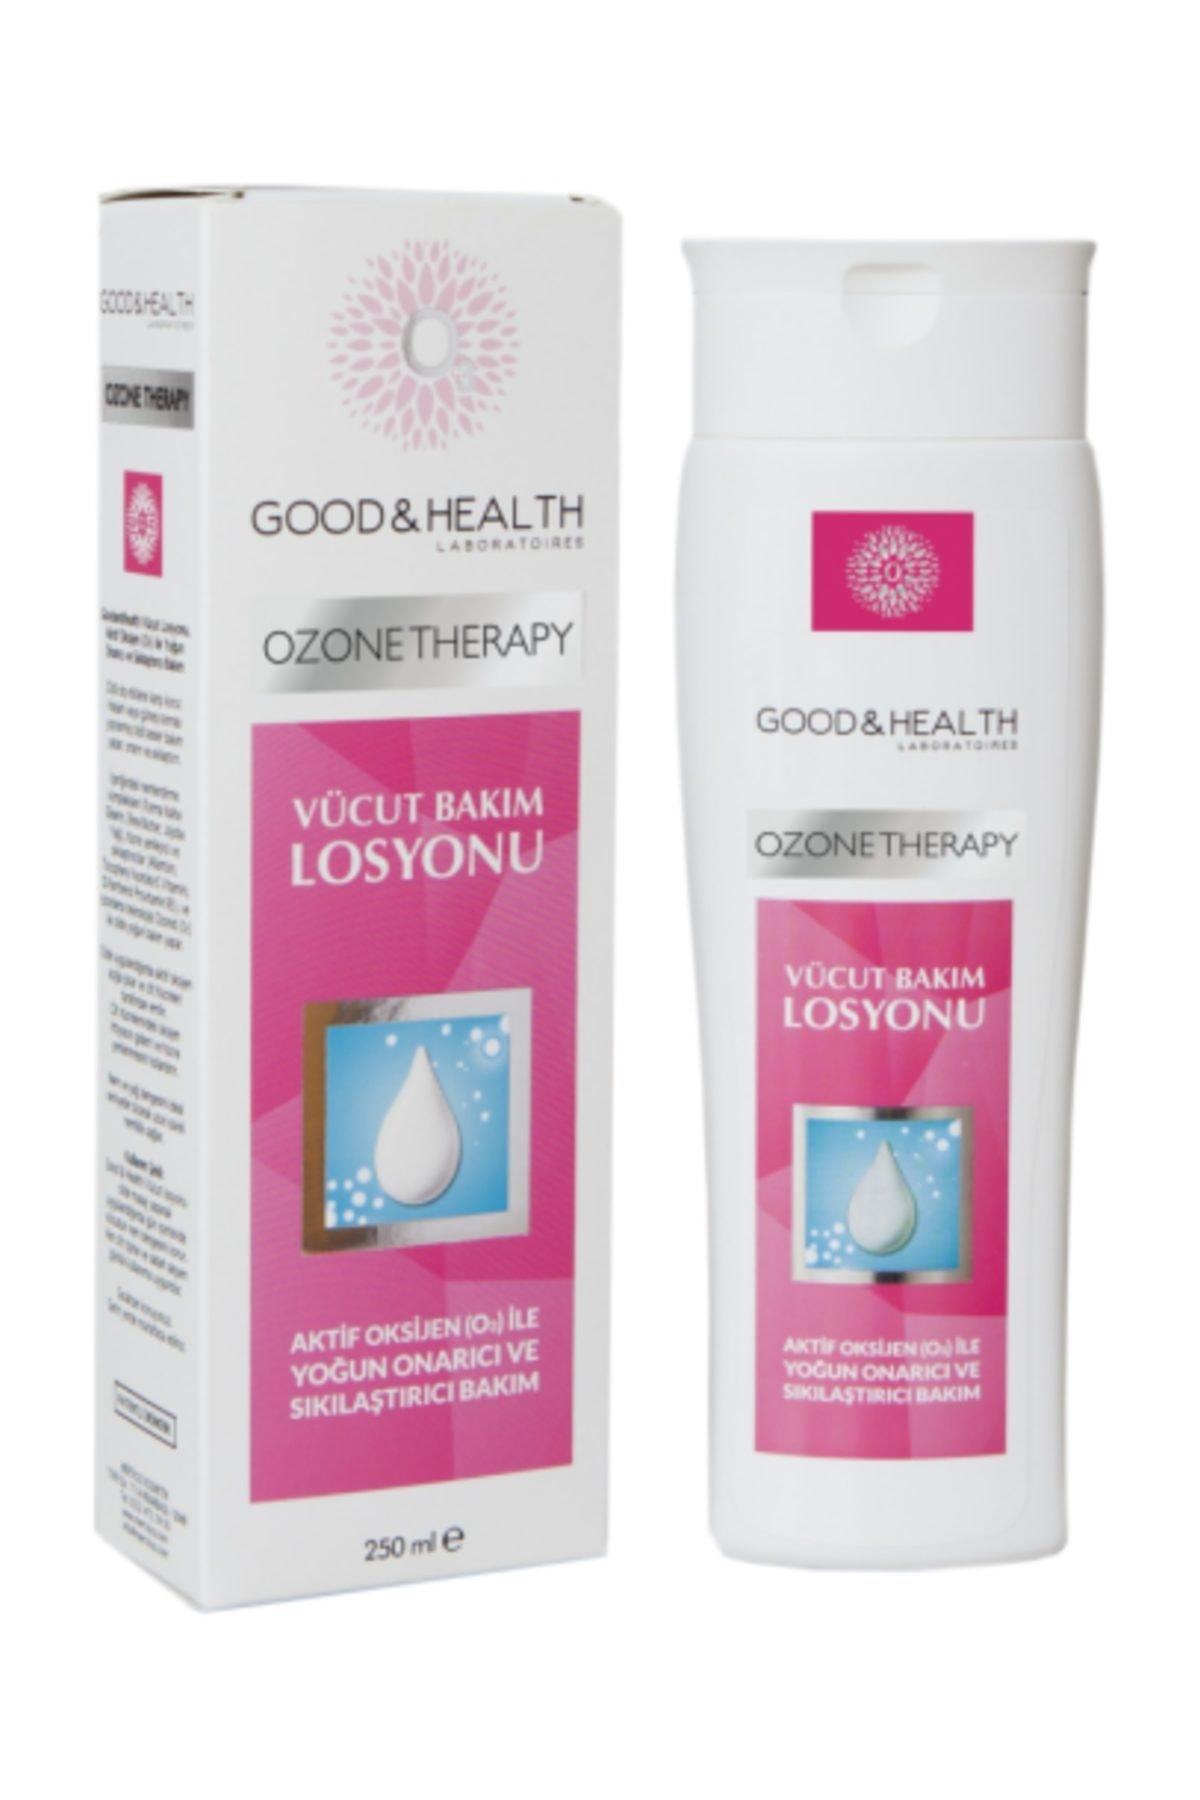 Good & Health Vücut Bakım Losyonu 250 ml 1